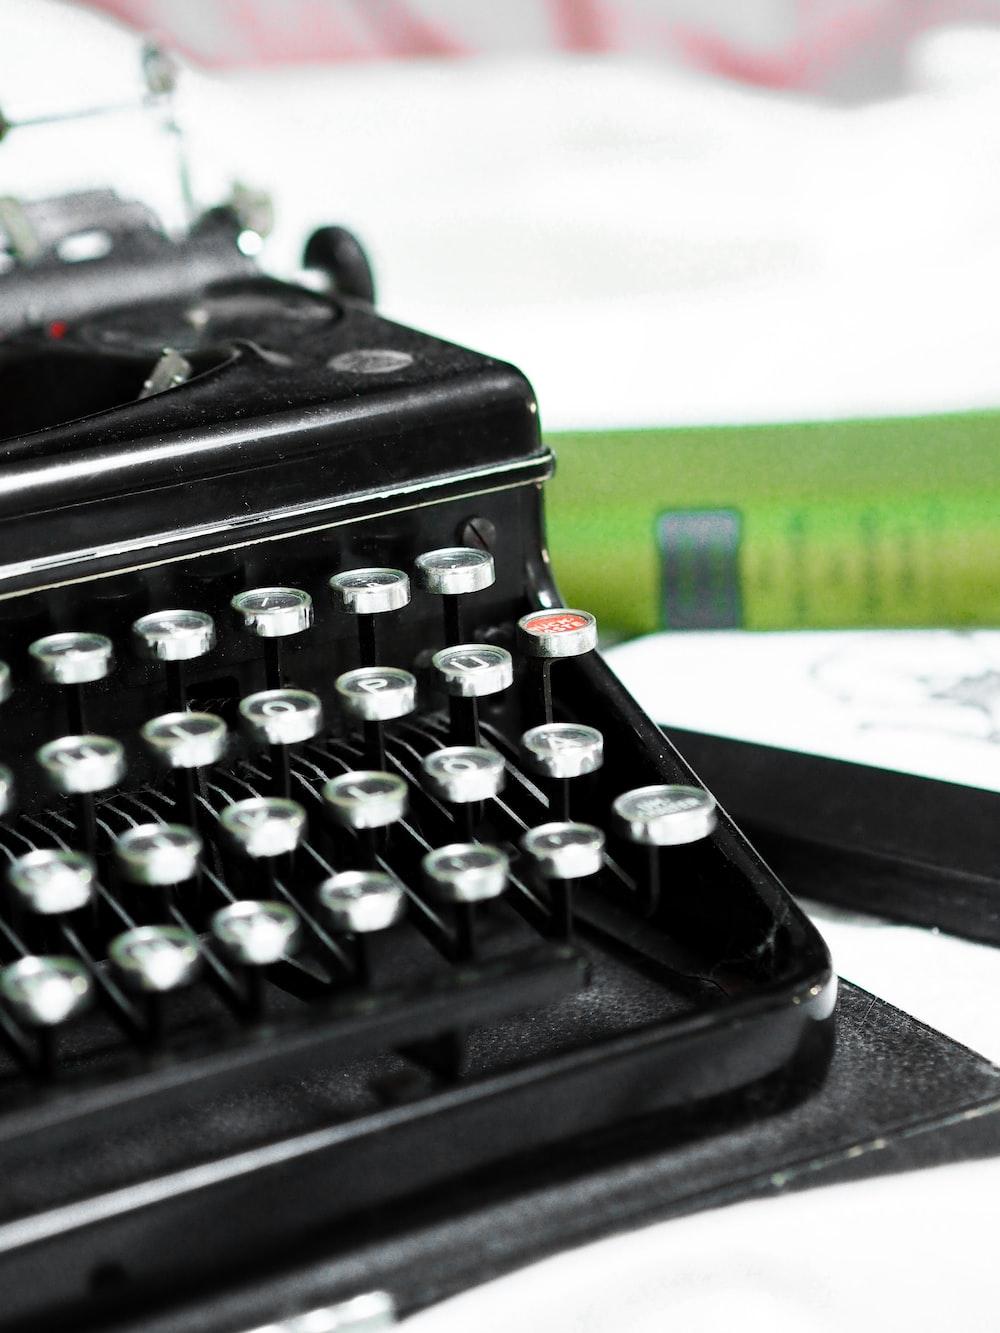 black typewriter on white table